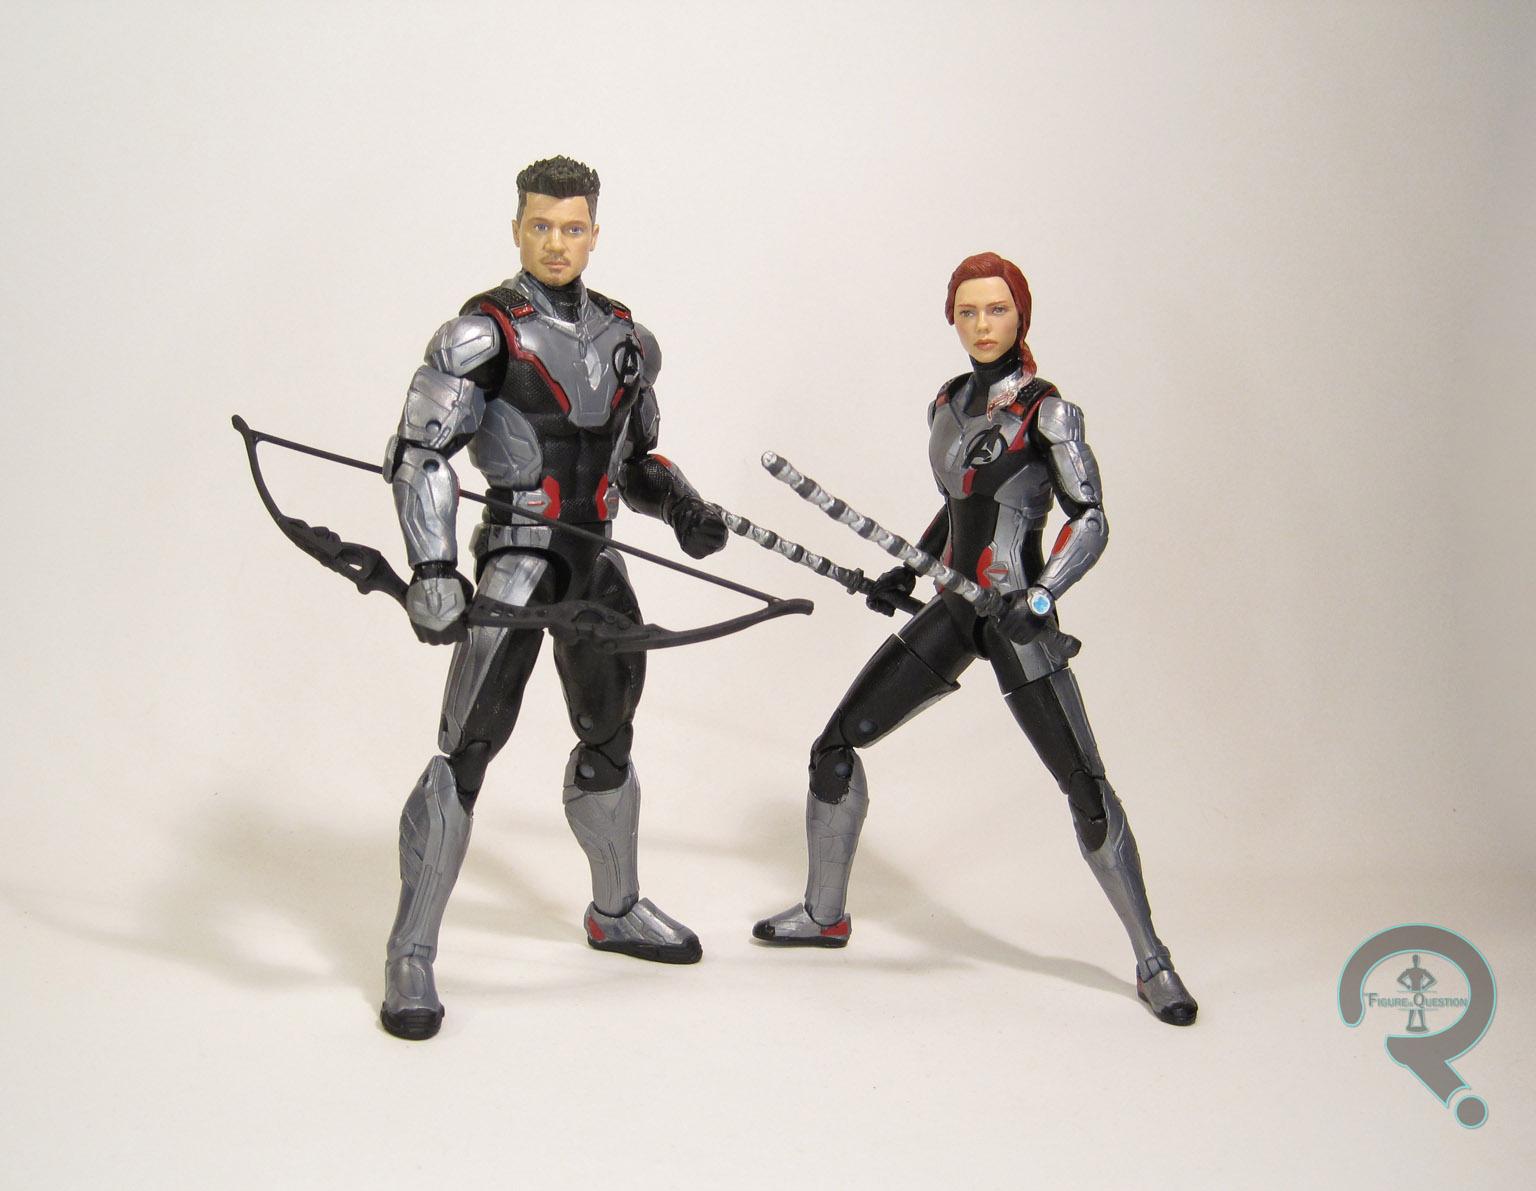 2056 Hawkeye Black Widow The Figure In Question